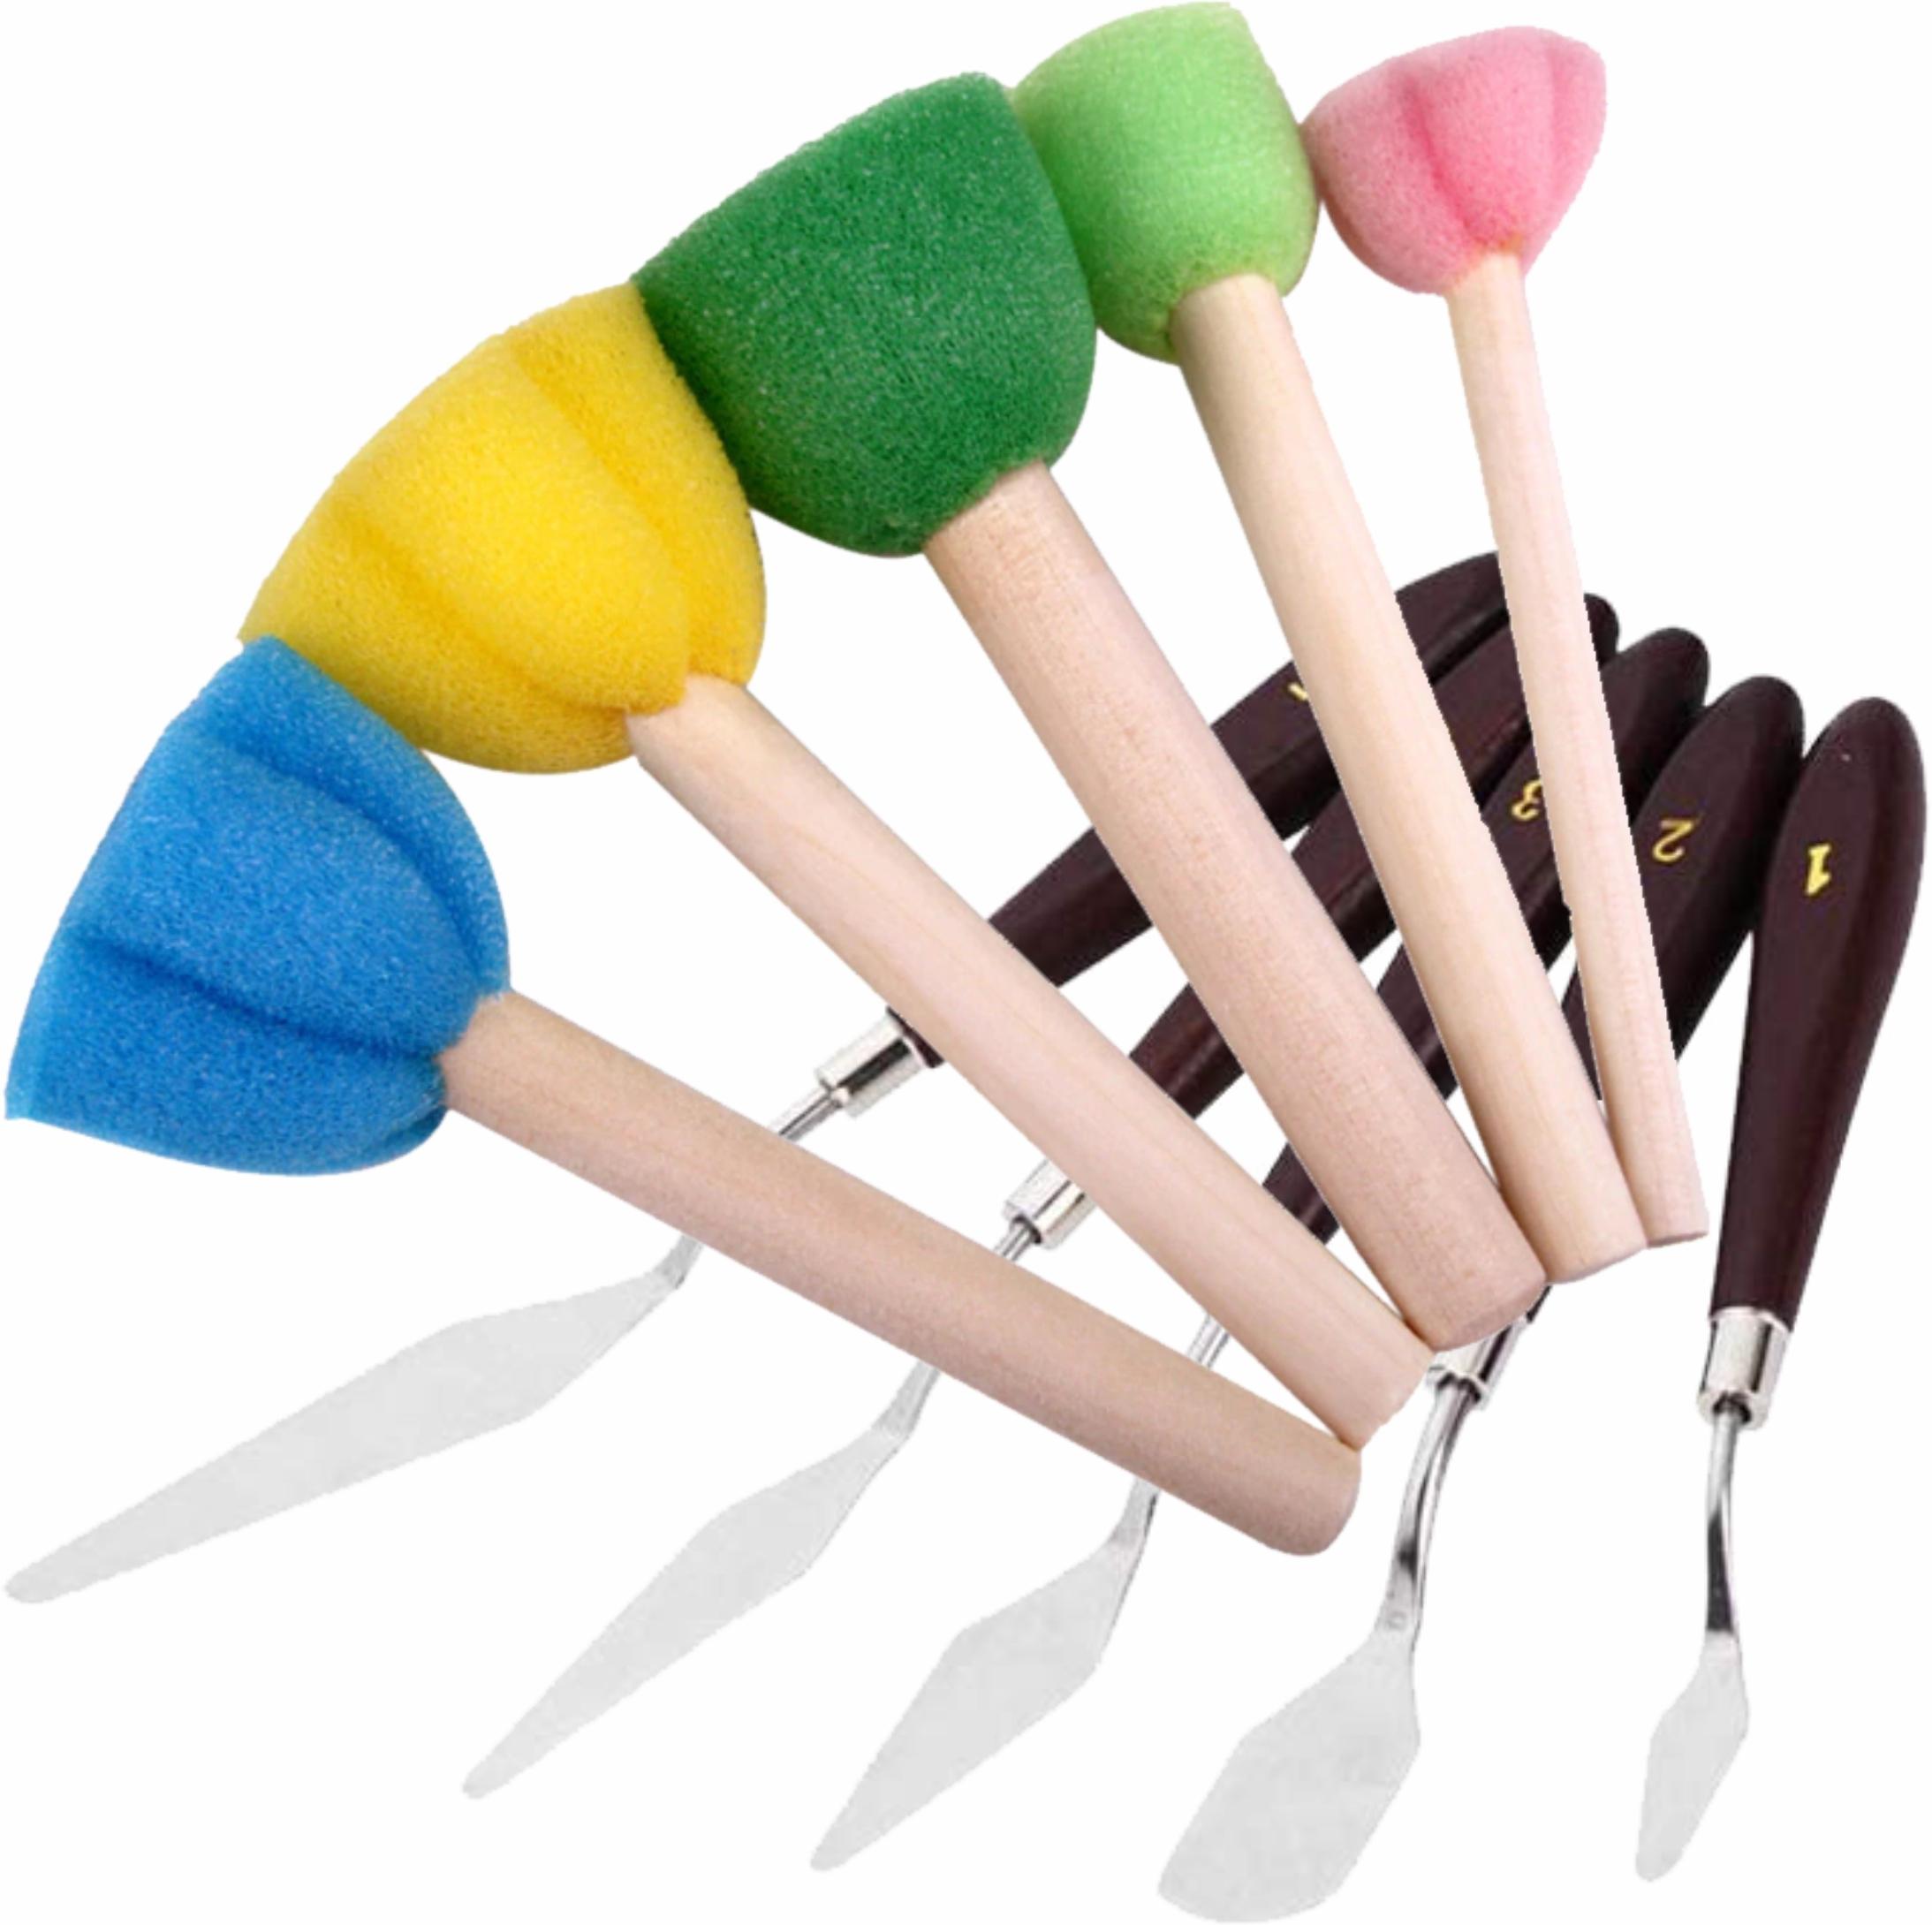 Burete și alte instrumente de pictură